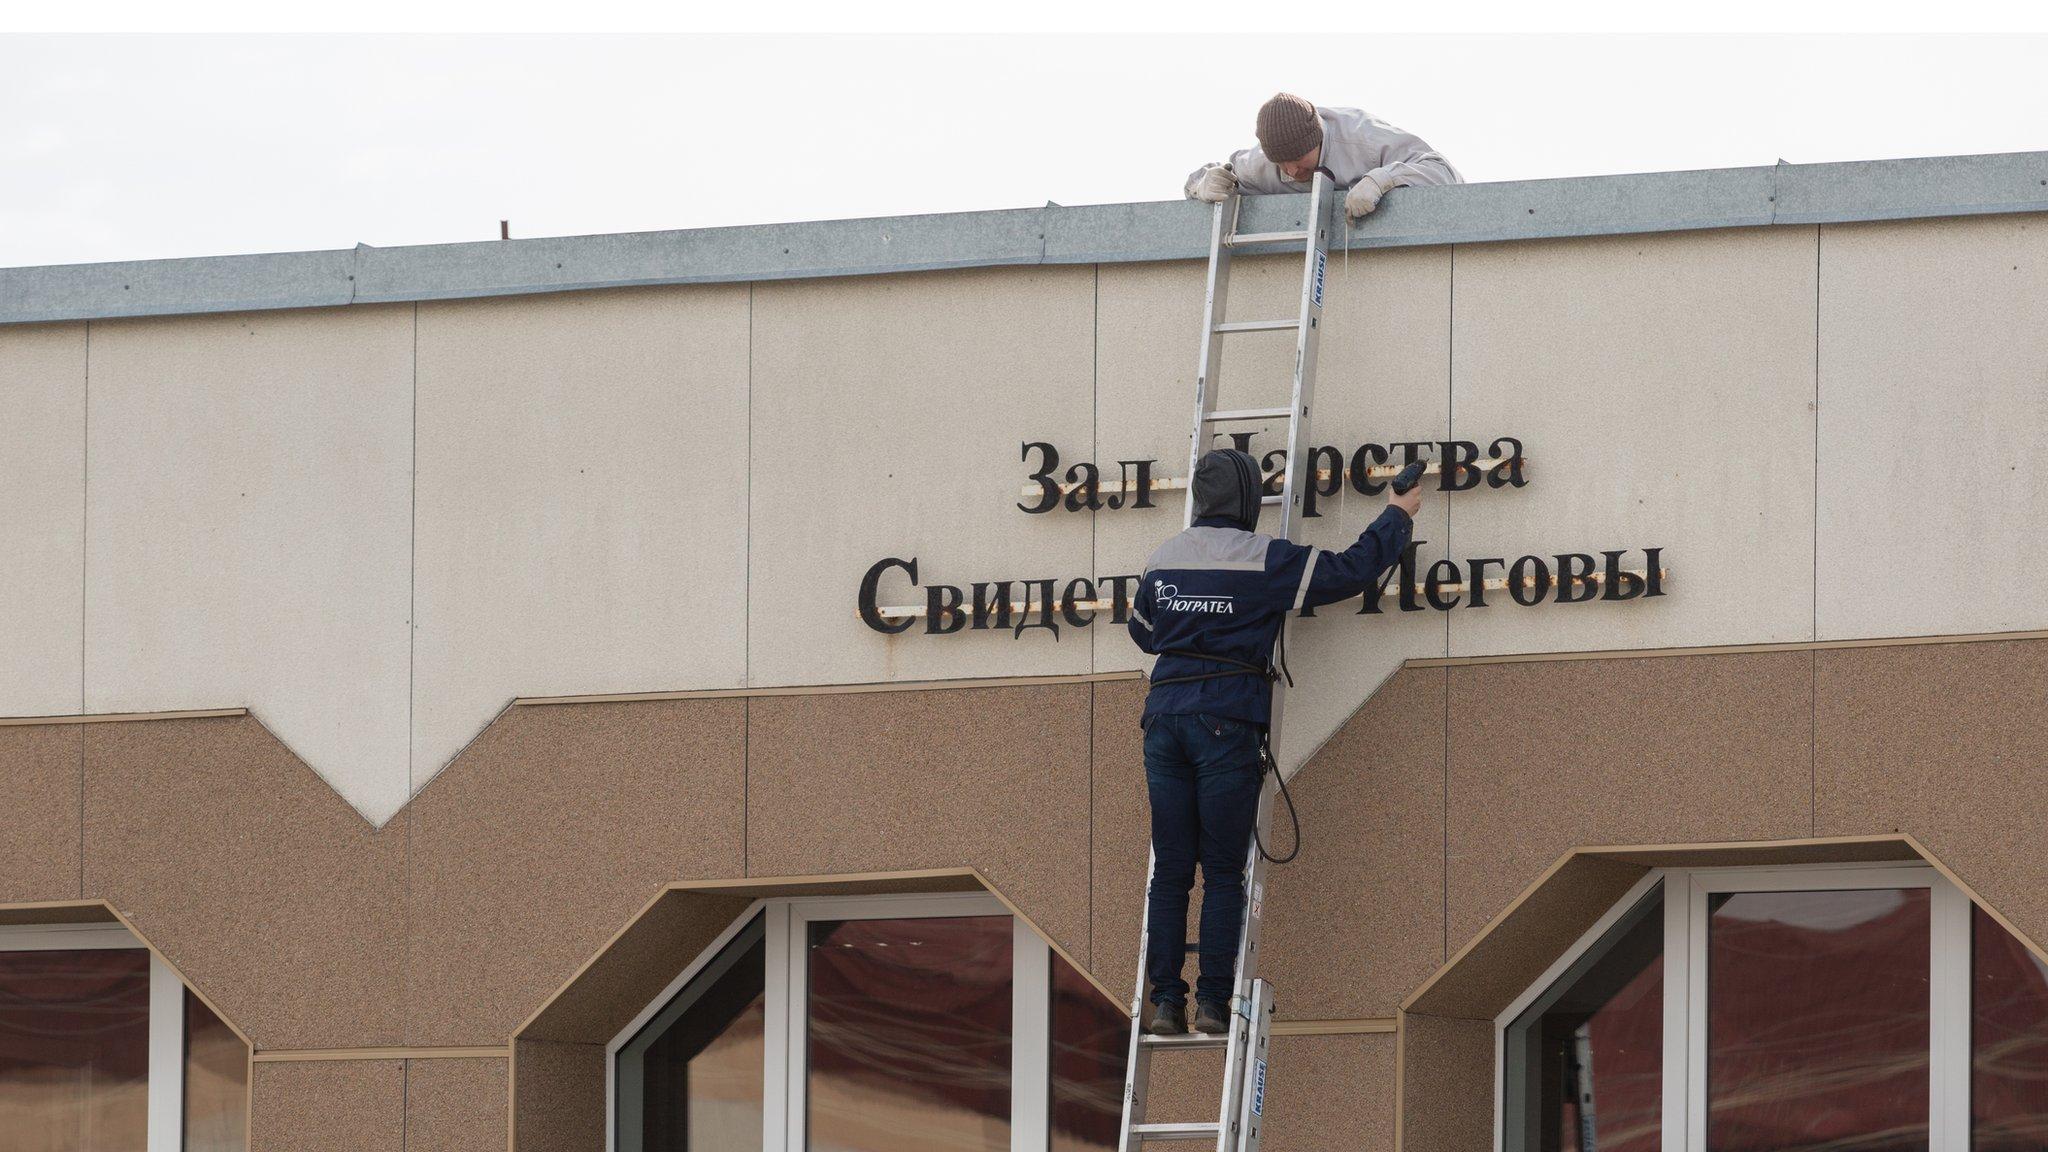 """Полгода как экстремисты: что происходит со """"Свидетелями Иеговы"""" в России"""